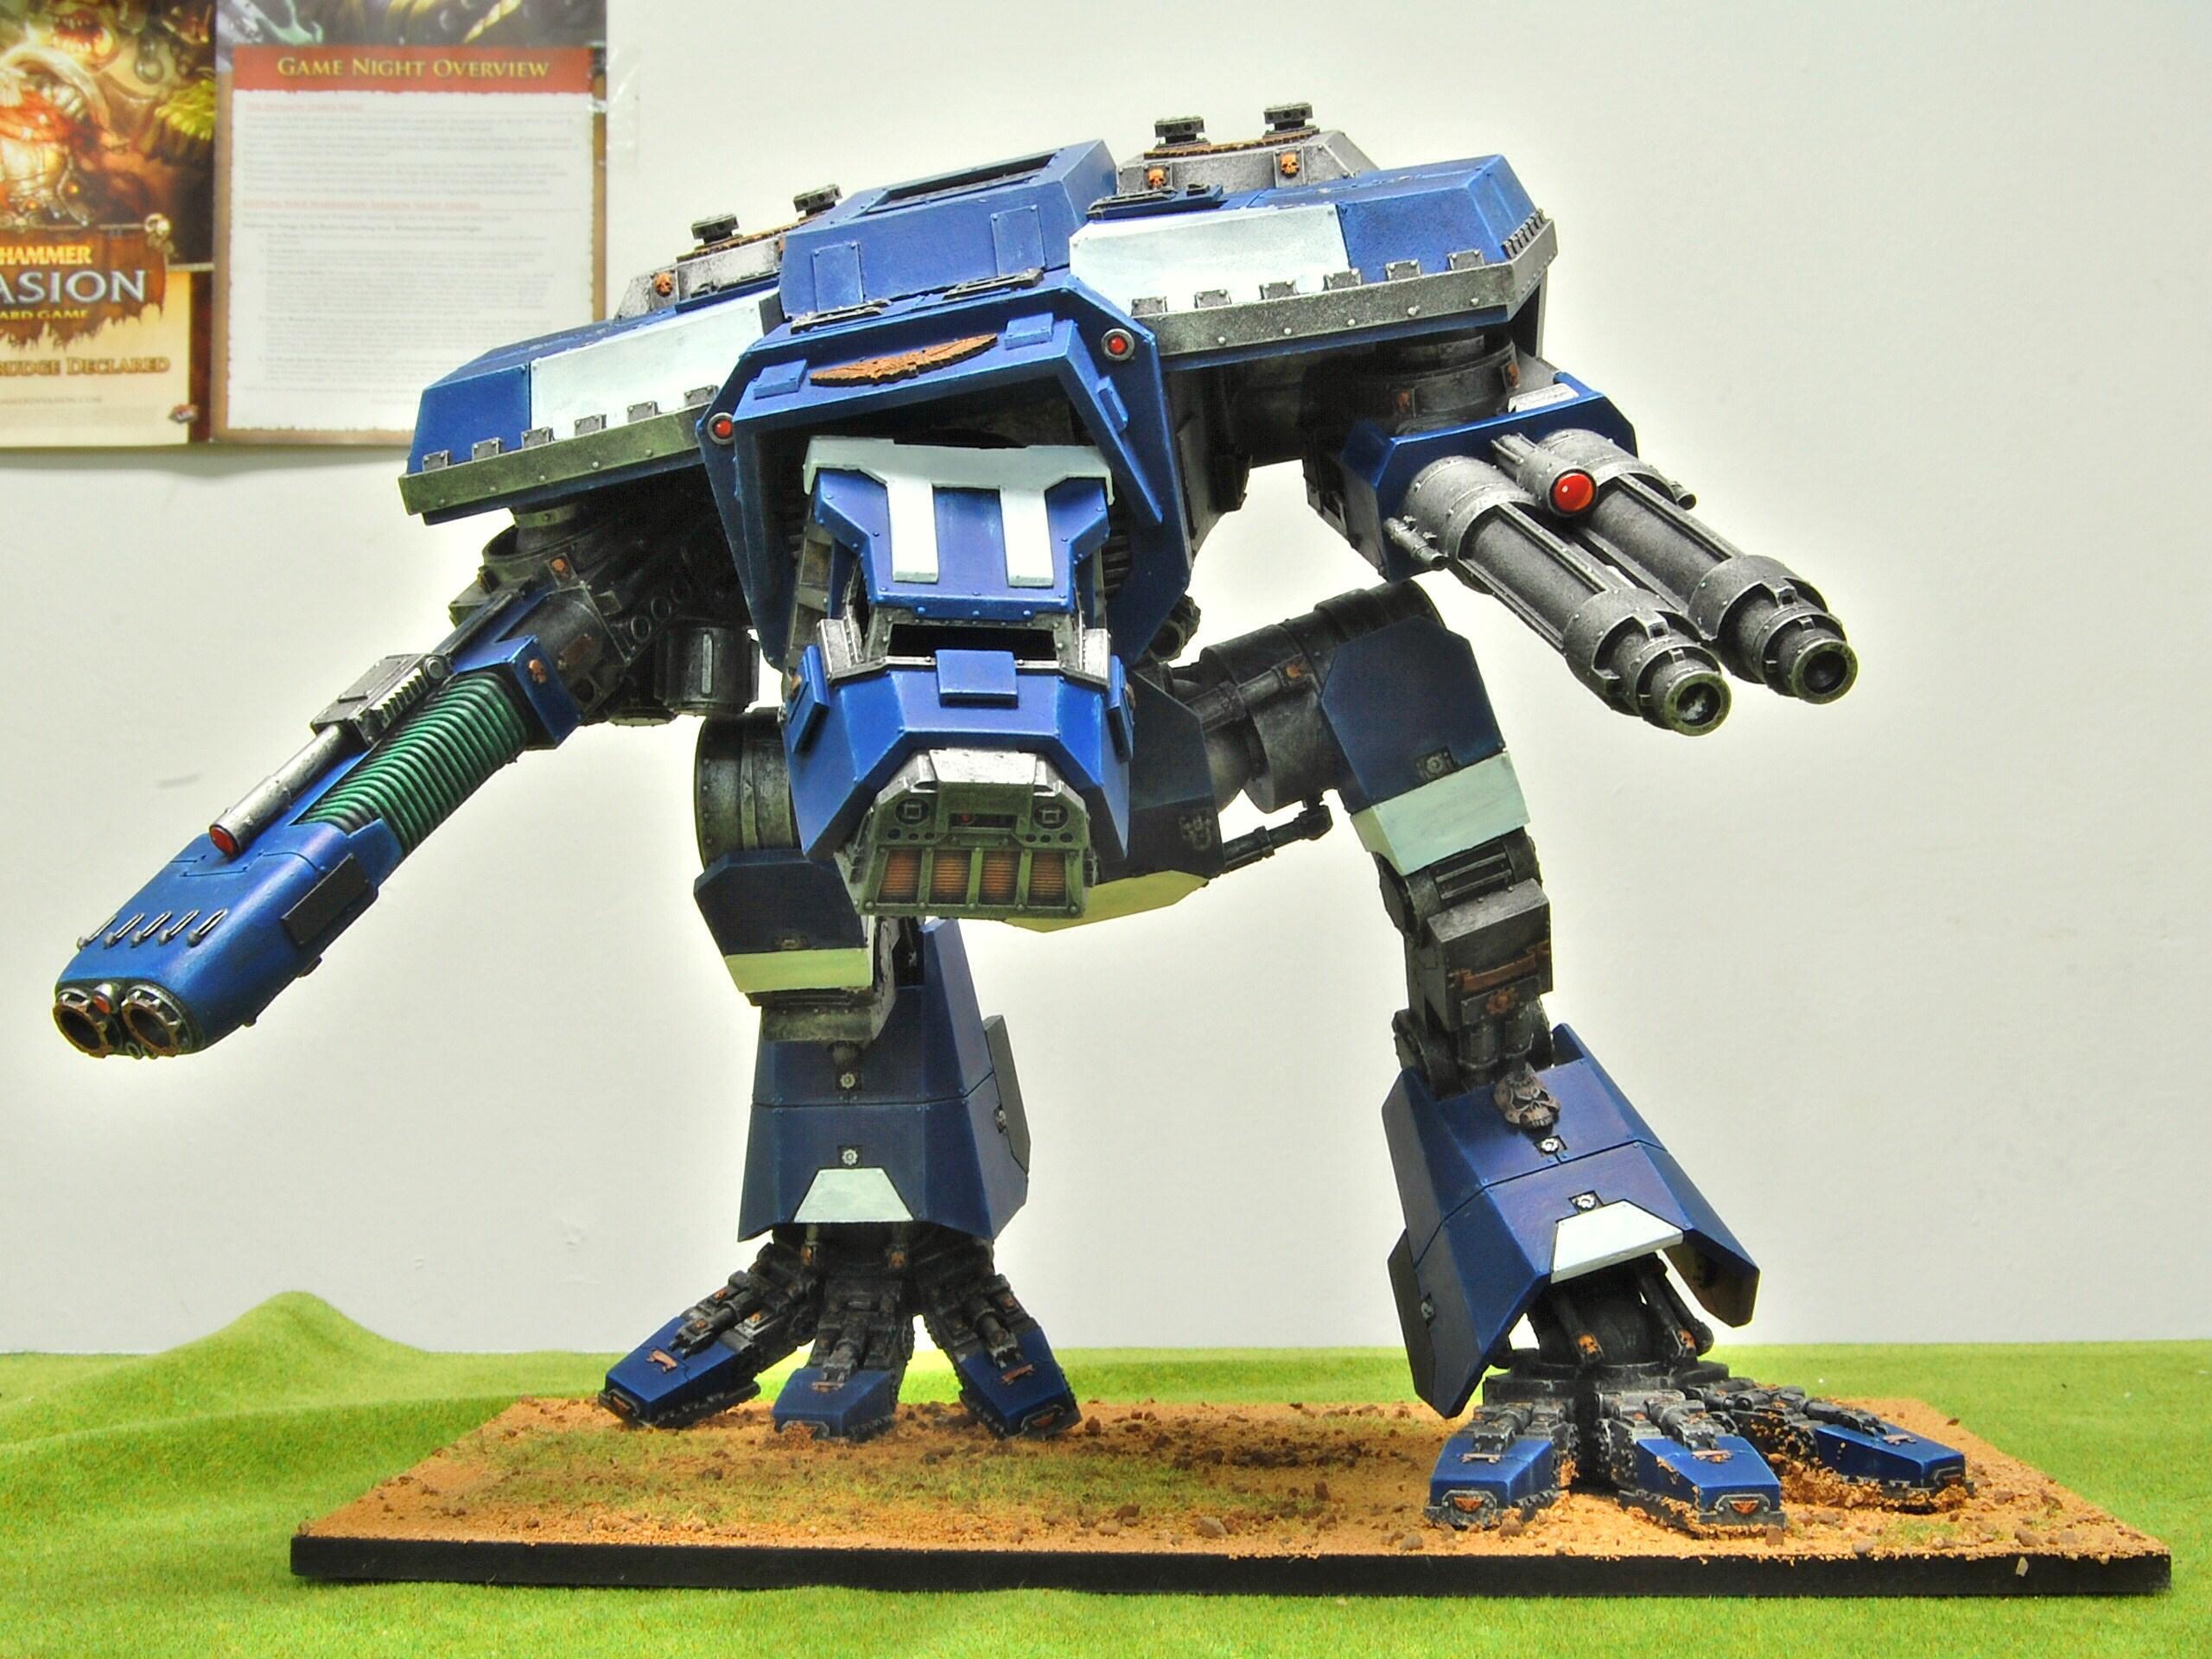 Apocalypse, Forge World, Imperium, Super-heavy, Titan, Titanicus, Warhammer 40,000, Warhound